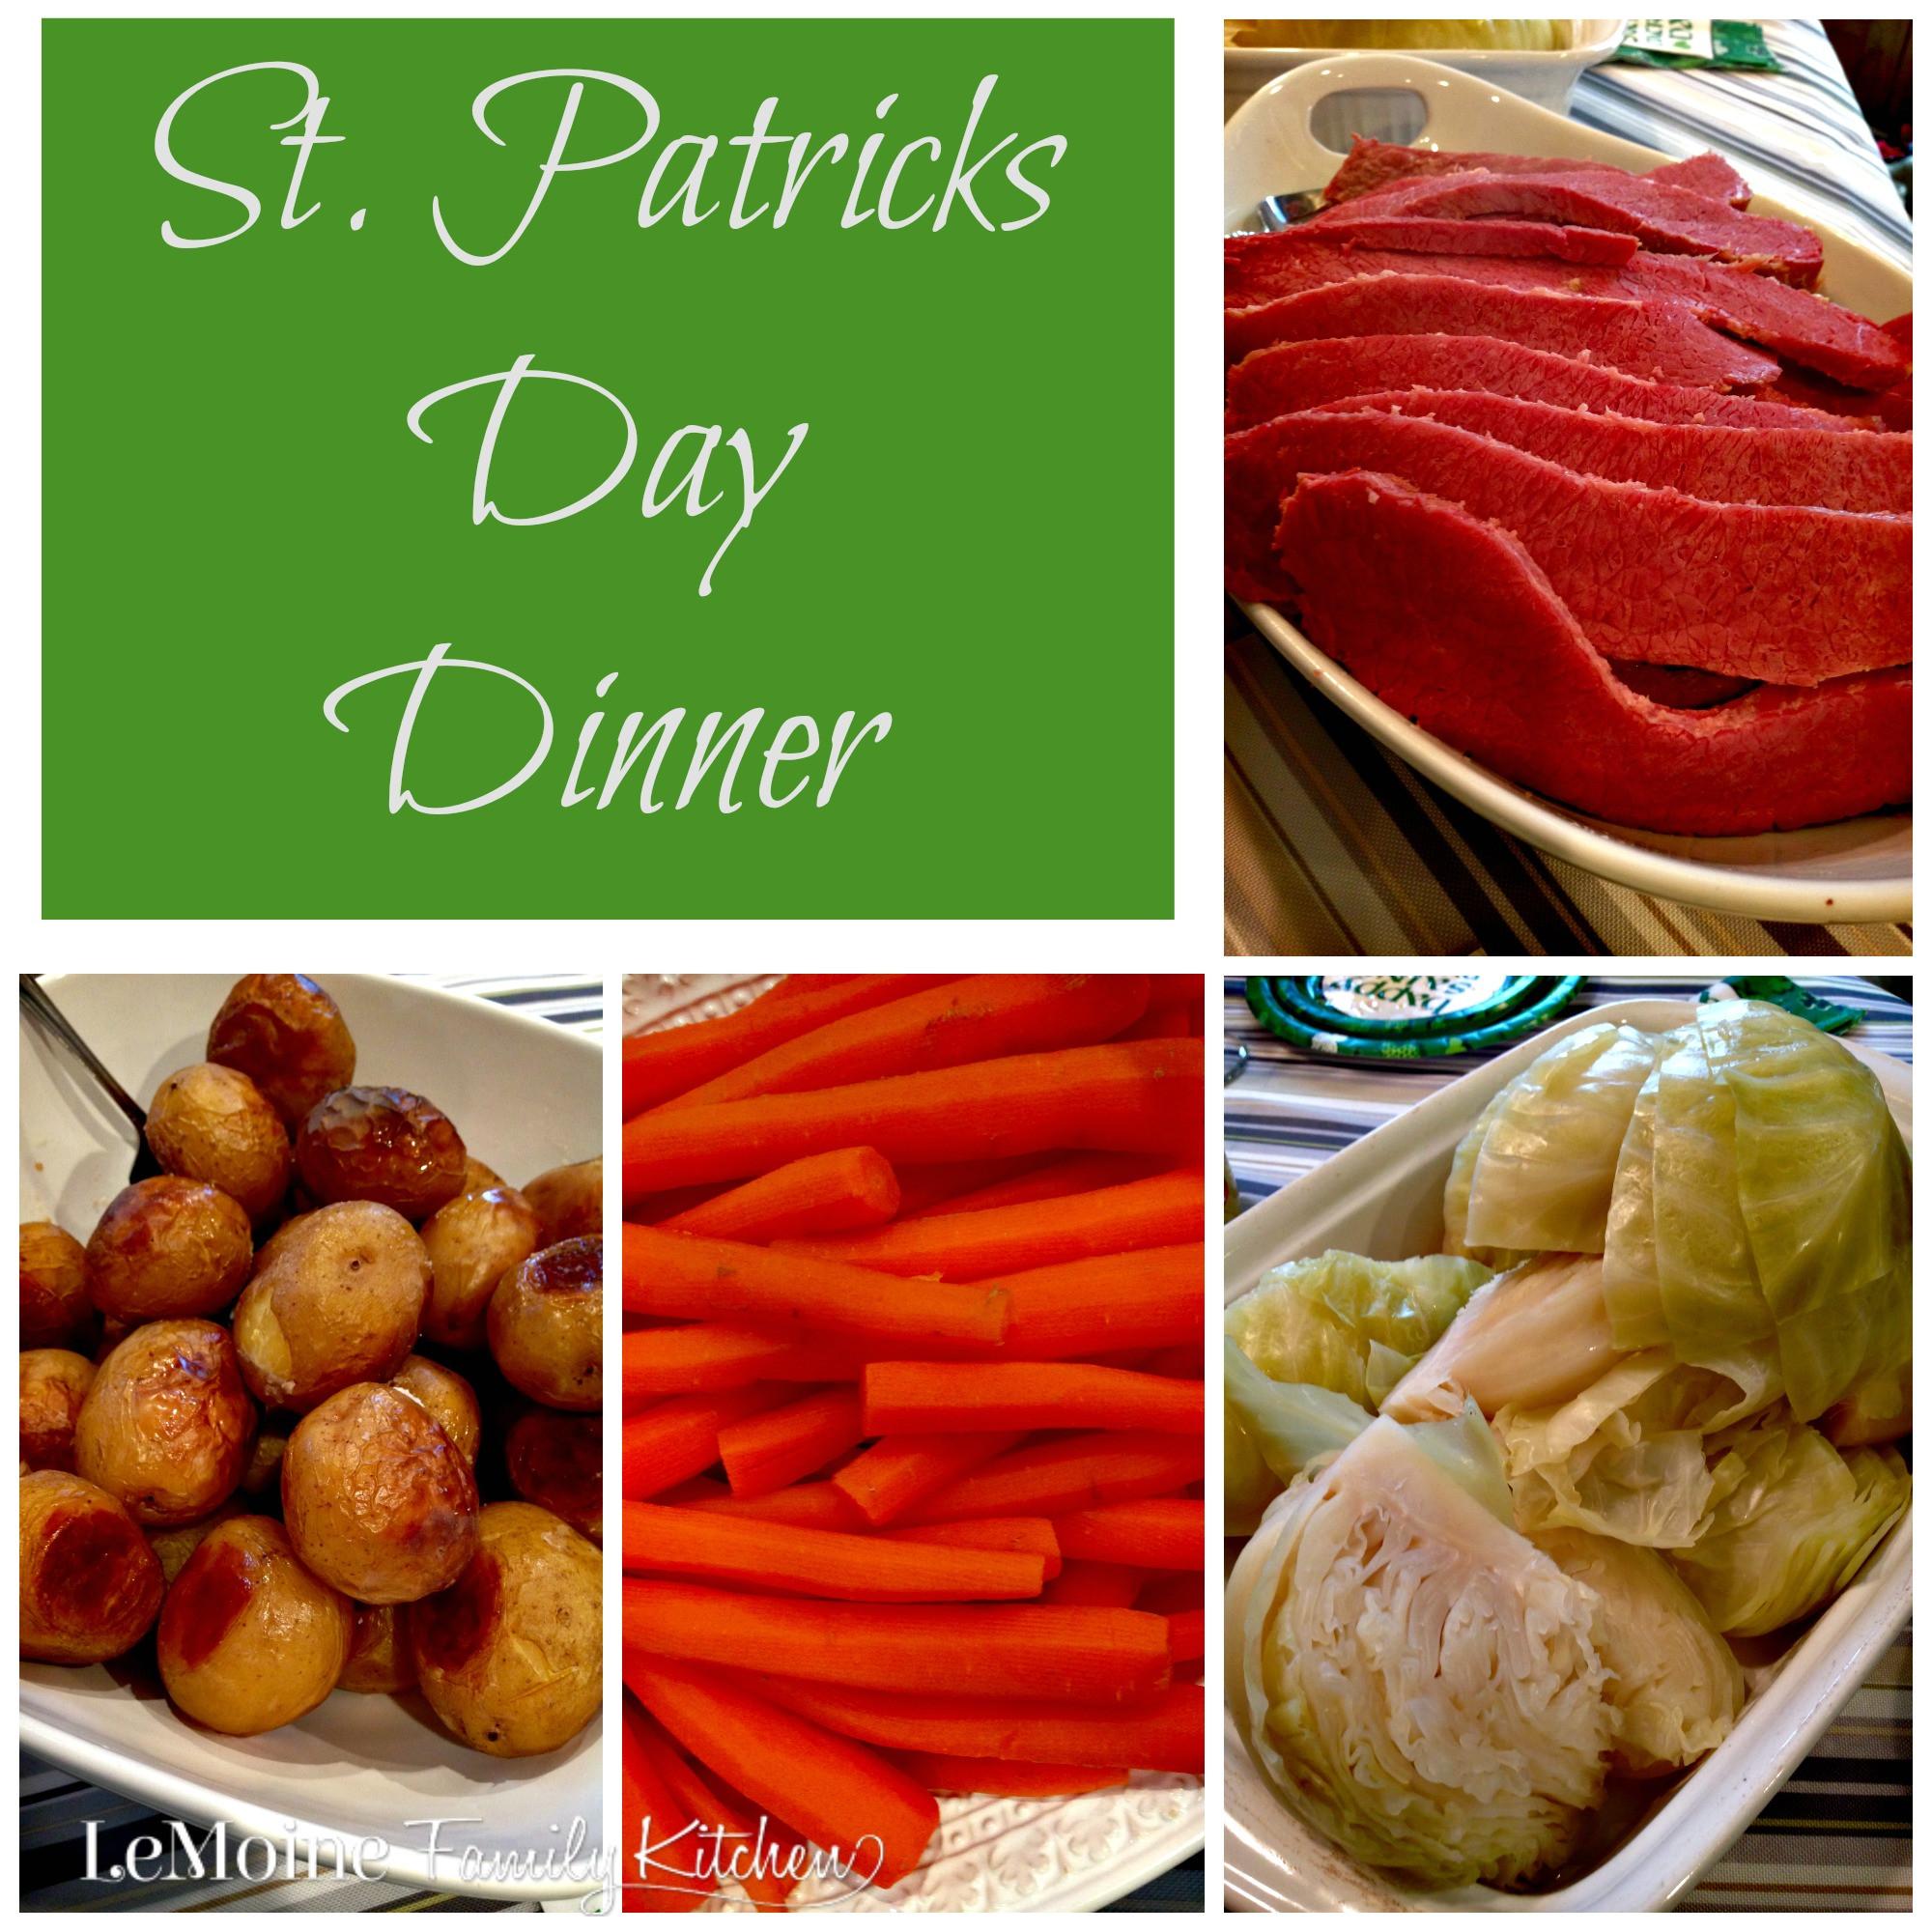 St Patricks Day Dinner  St Patricks Day Dinner LeMoine Family Kitchen